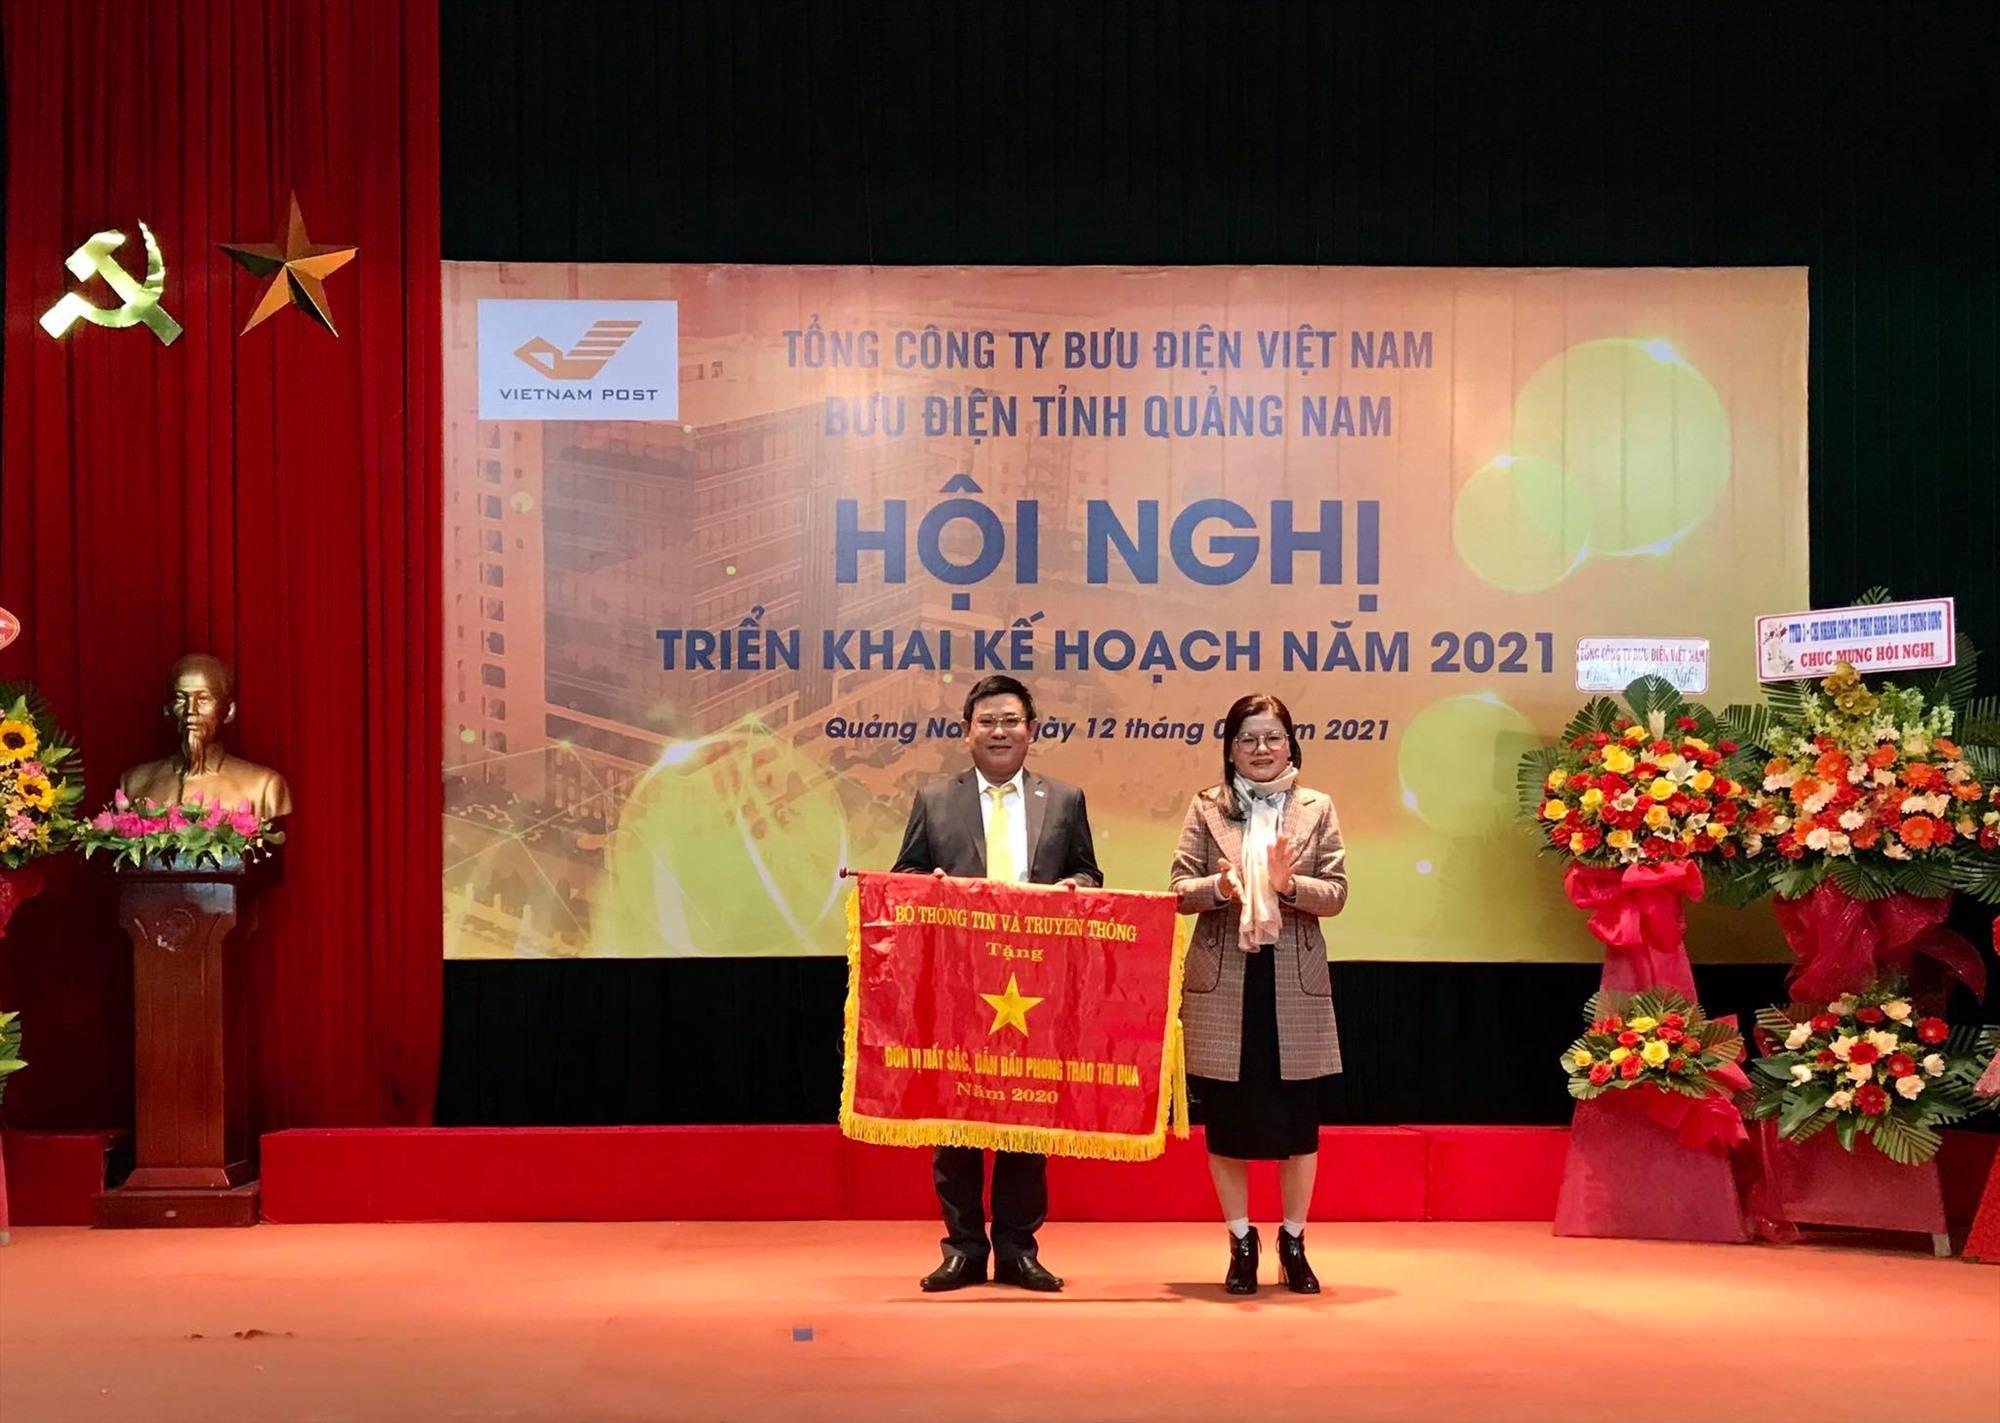 Bà Phạm Thị Ngọc Quyên-Phó GĐ Sở TT-TT thay mặt Bộ TT-TT tặng cờ thi đua năm 2020 cho Bưu điện điện huyện Duy Xuyên